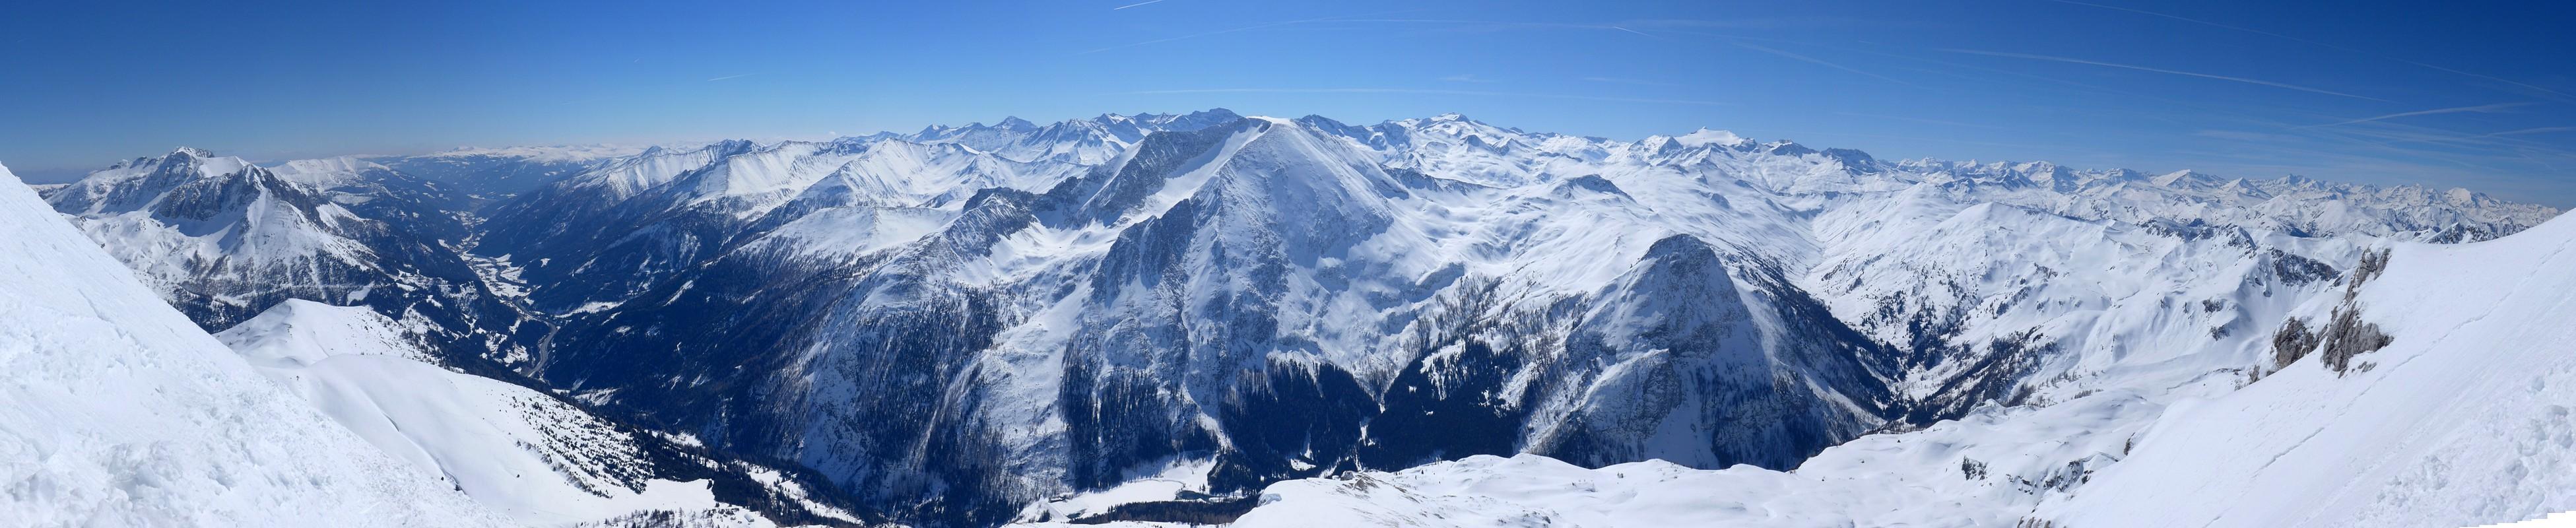 Weisseck Niedere Tauern Rakousko panorama 44